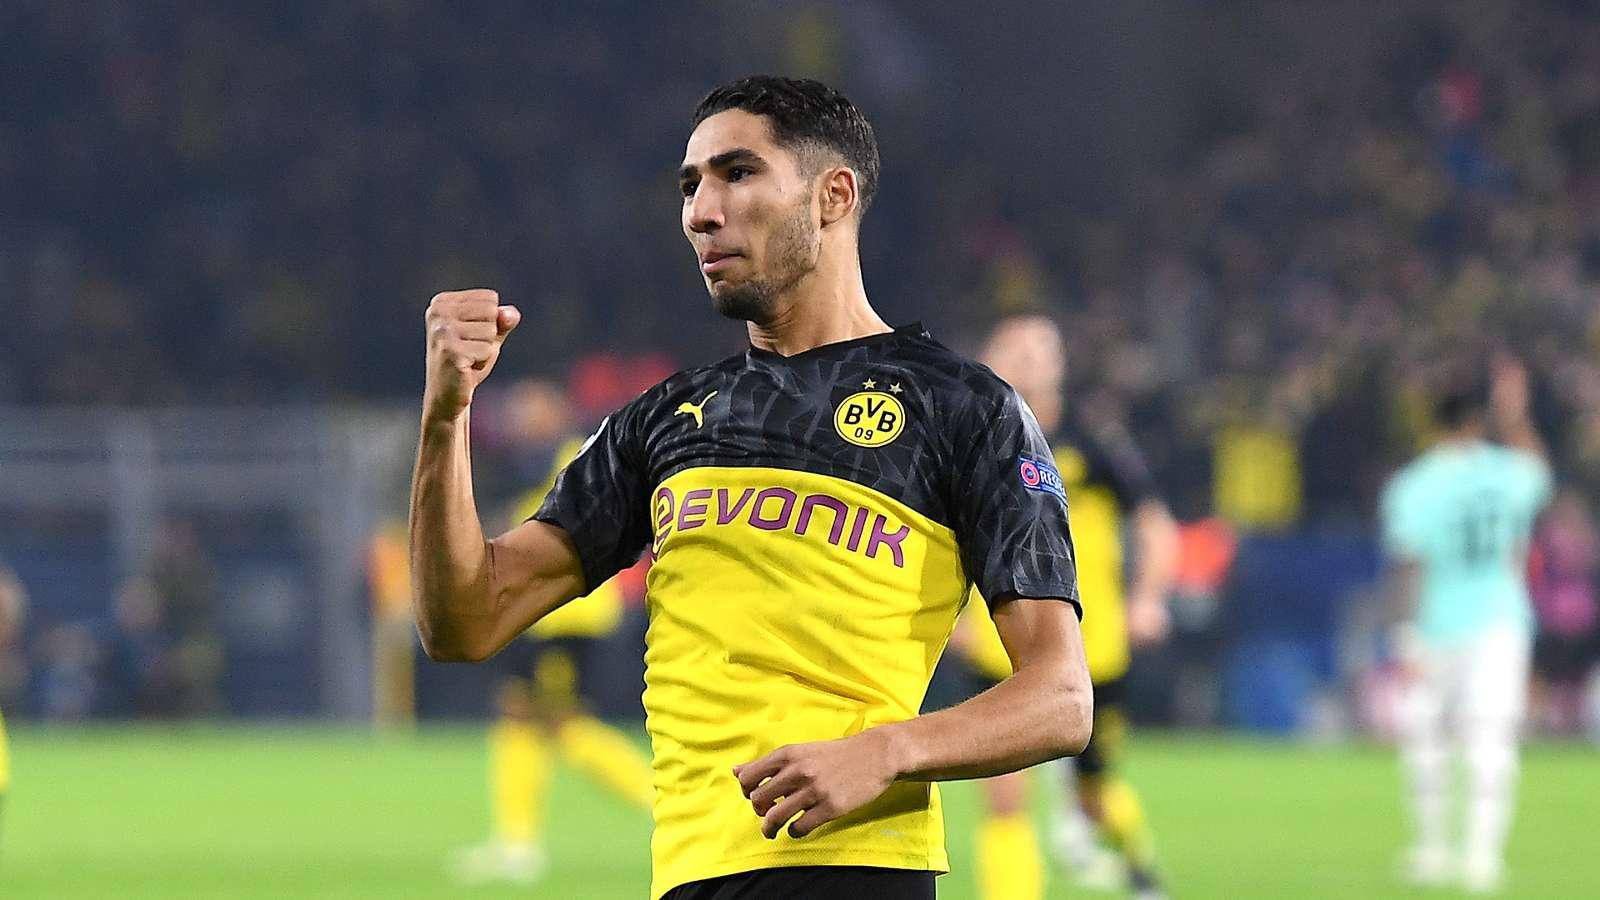 Moncer Di Borussia Dortmund, Real Madrid Akan Beri Peran Penting Achraf Hakimi Musim  …